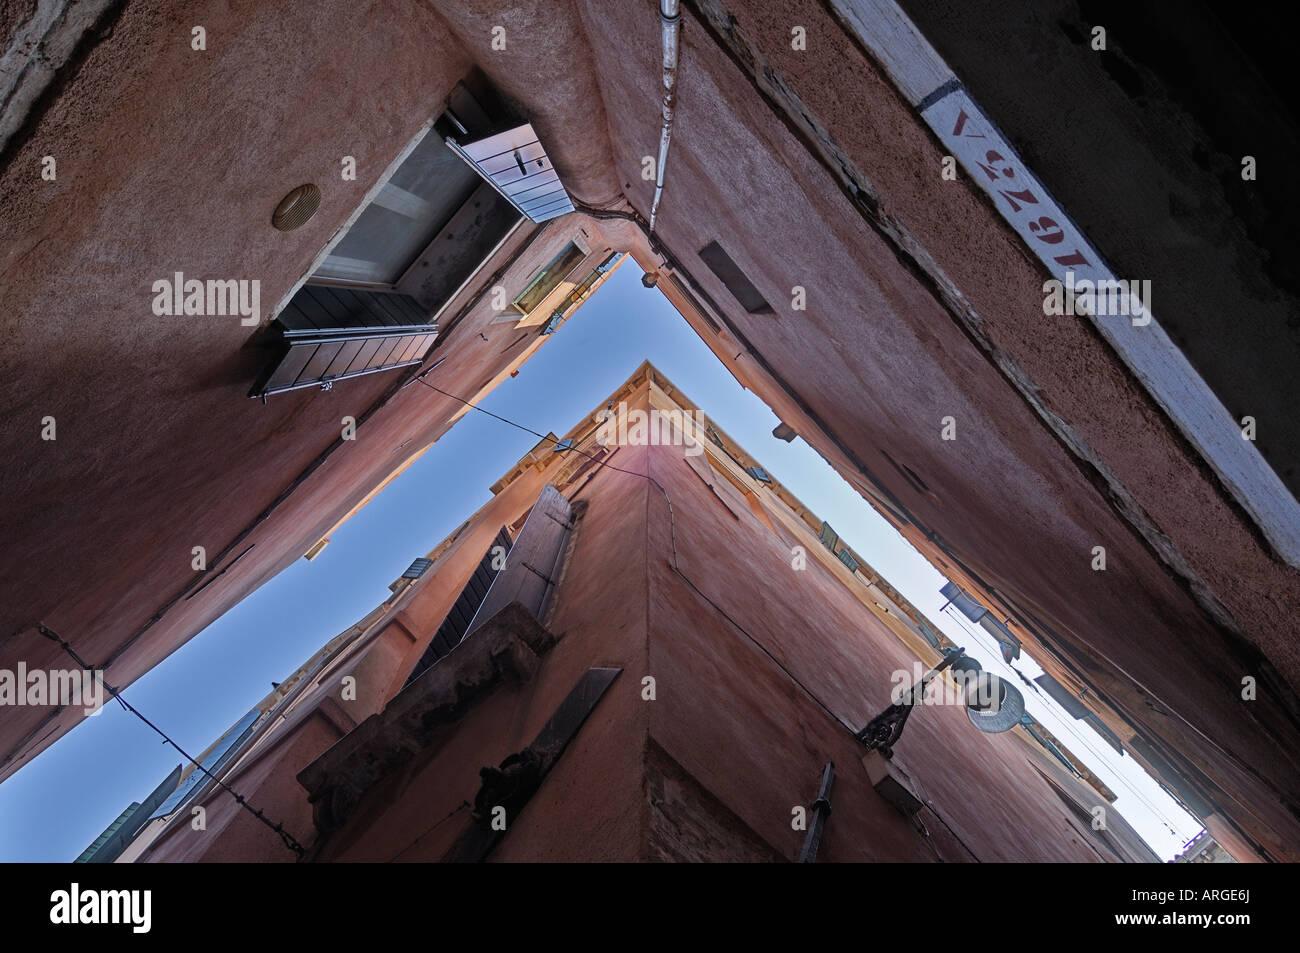 L'extérieur des bâtiments, Venise, Italie Banque D'Images